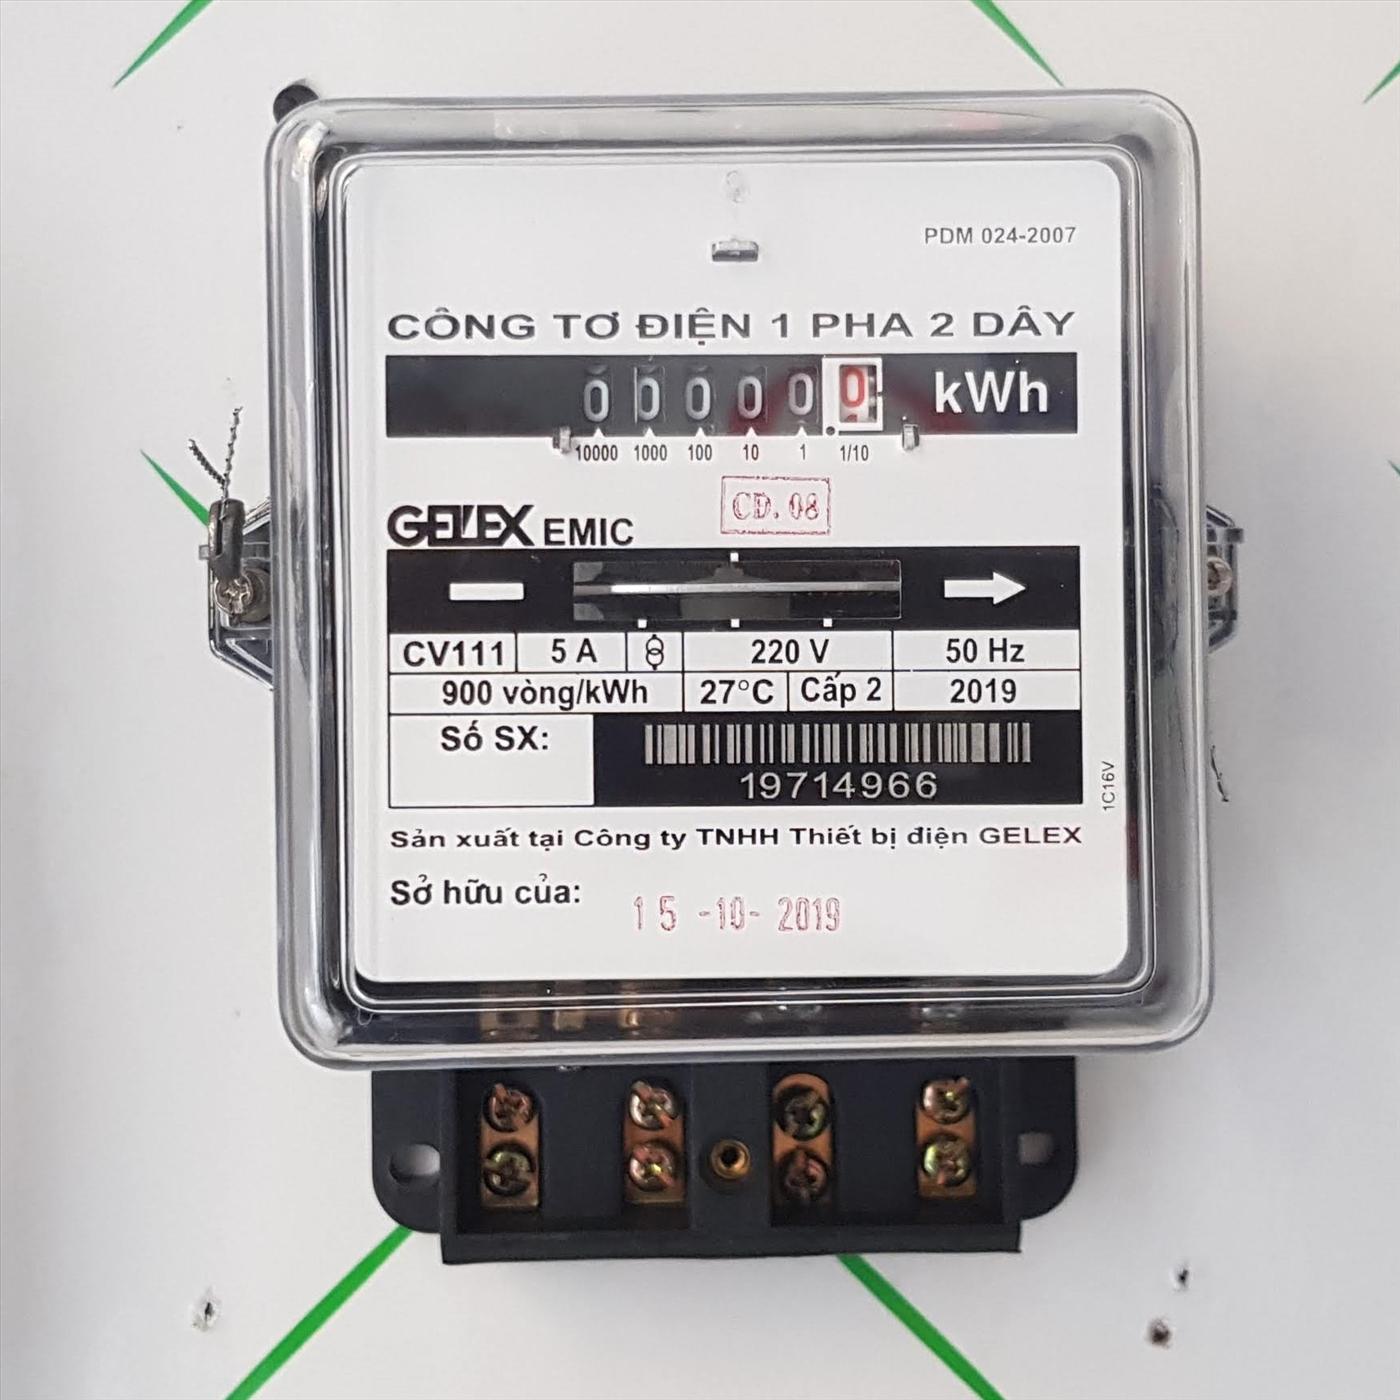 Kiểm tra kỹ đồng hồ điện trước khi thuê nhà để tránh rắc rối về sau